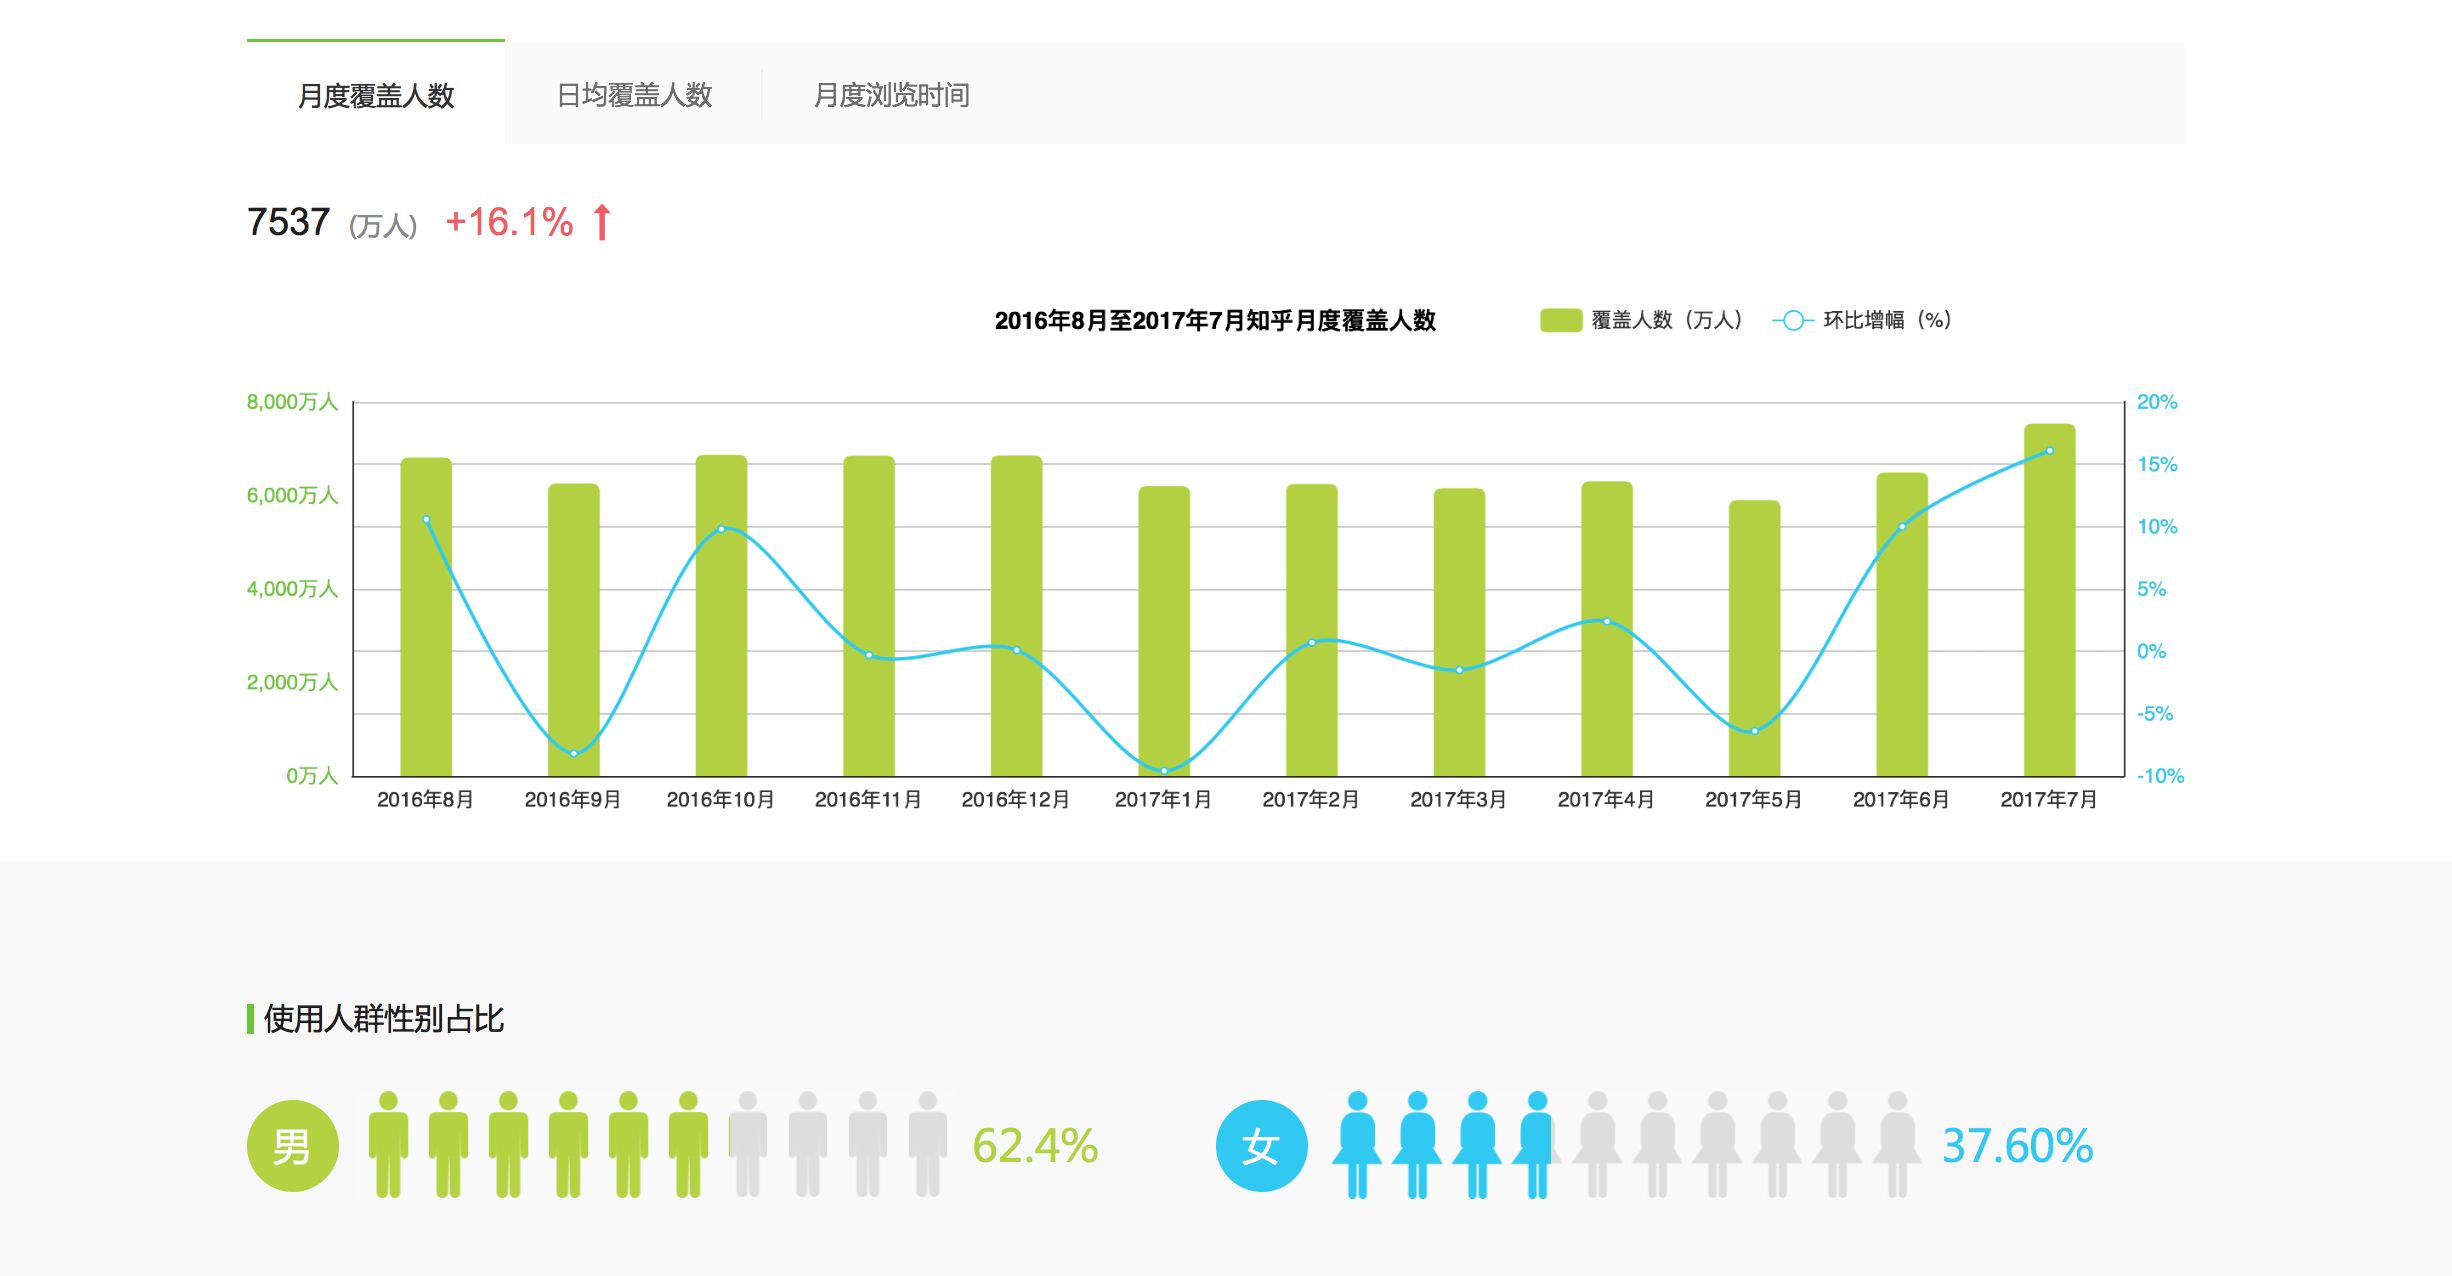 2016年8月-2017年7月知乎月度覆盖人数